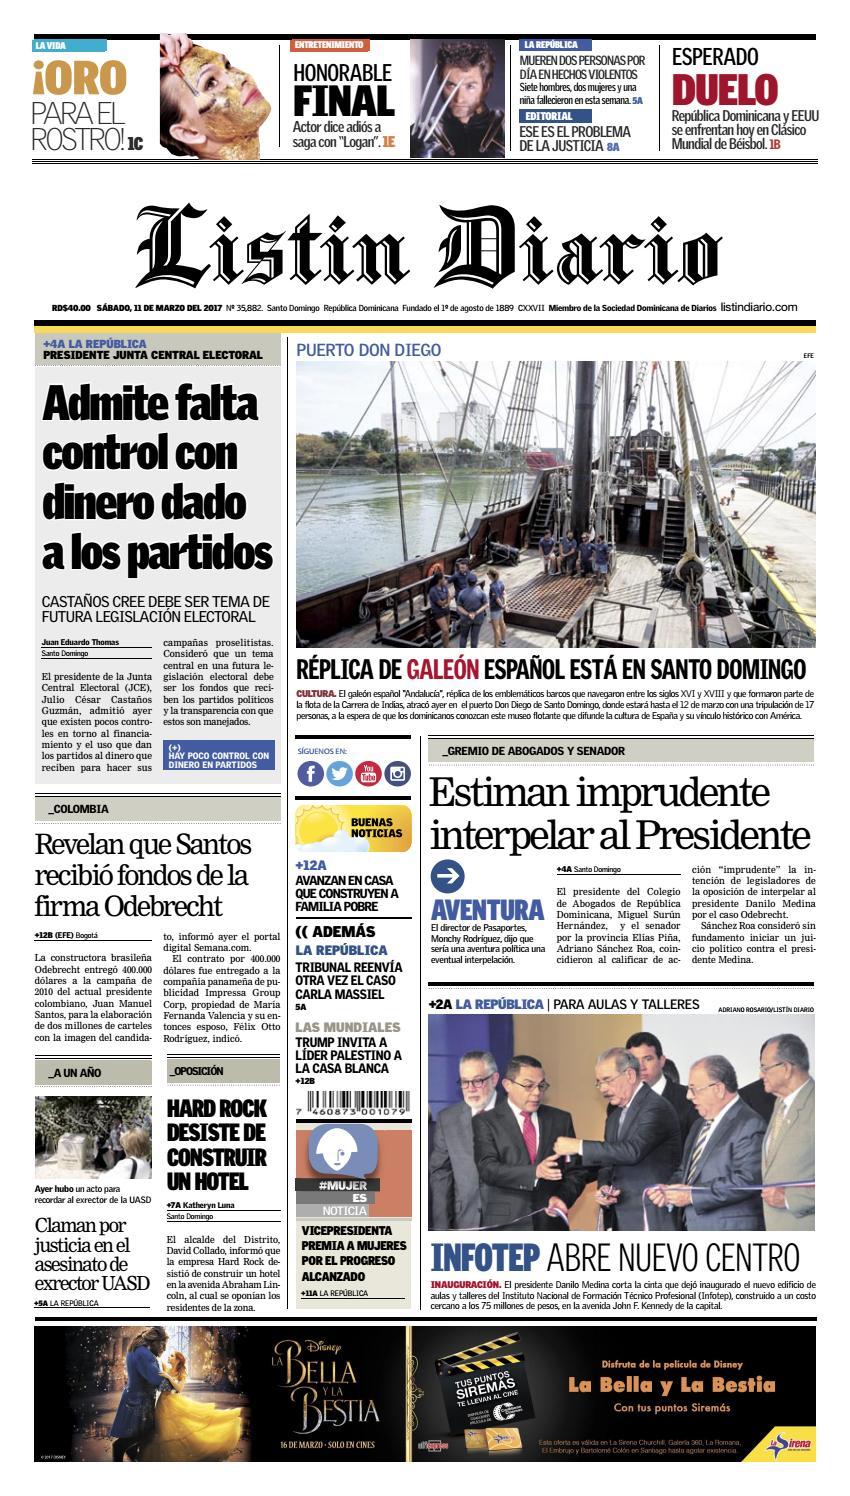 2017 03 11 by Listín Diario - issuu